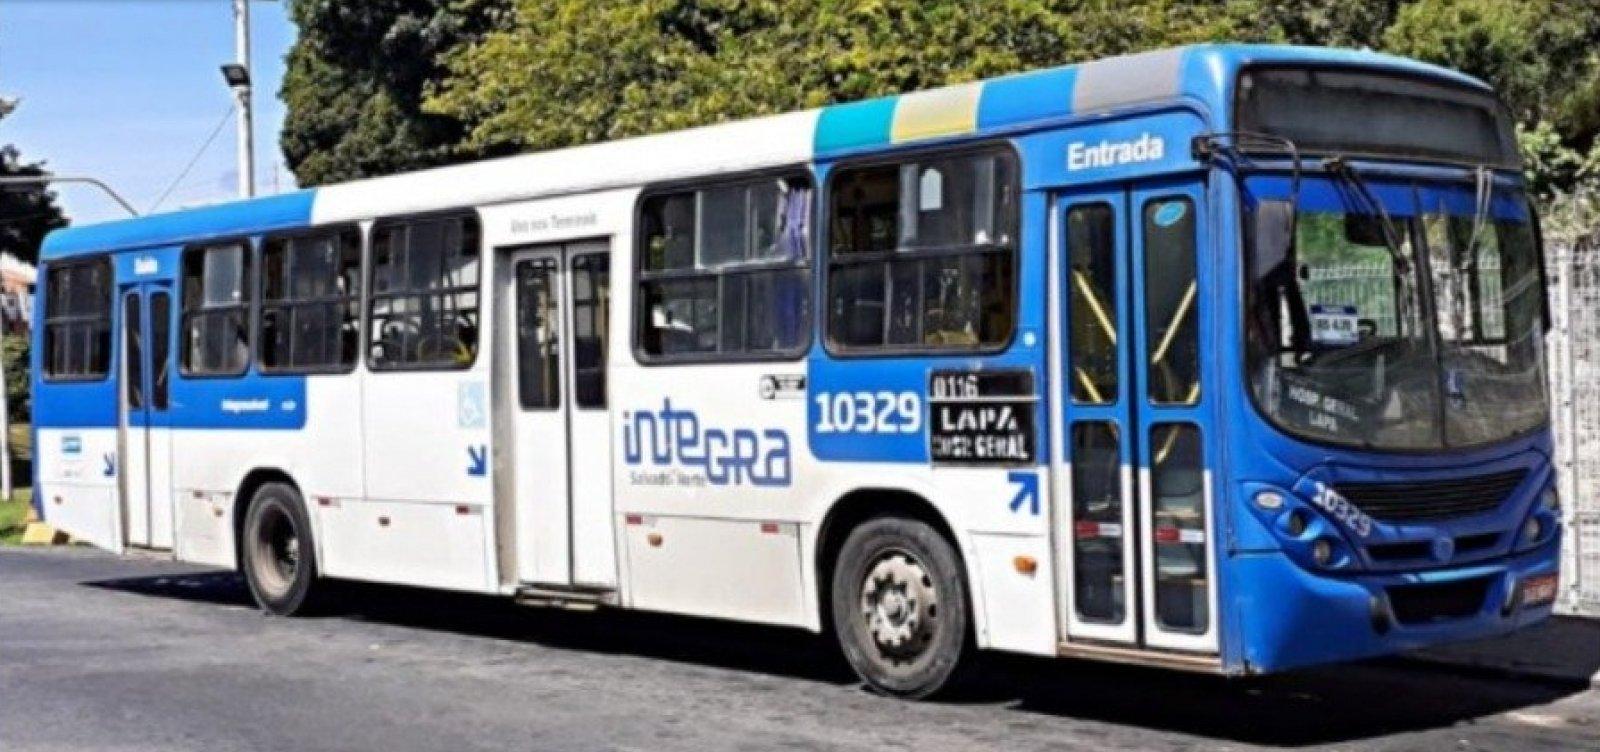 Paralisação de ônibus acontece até 8h em Salvador